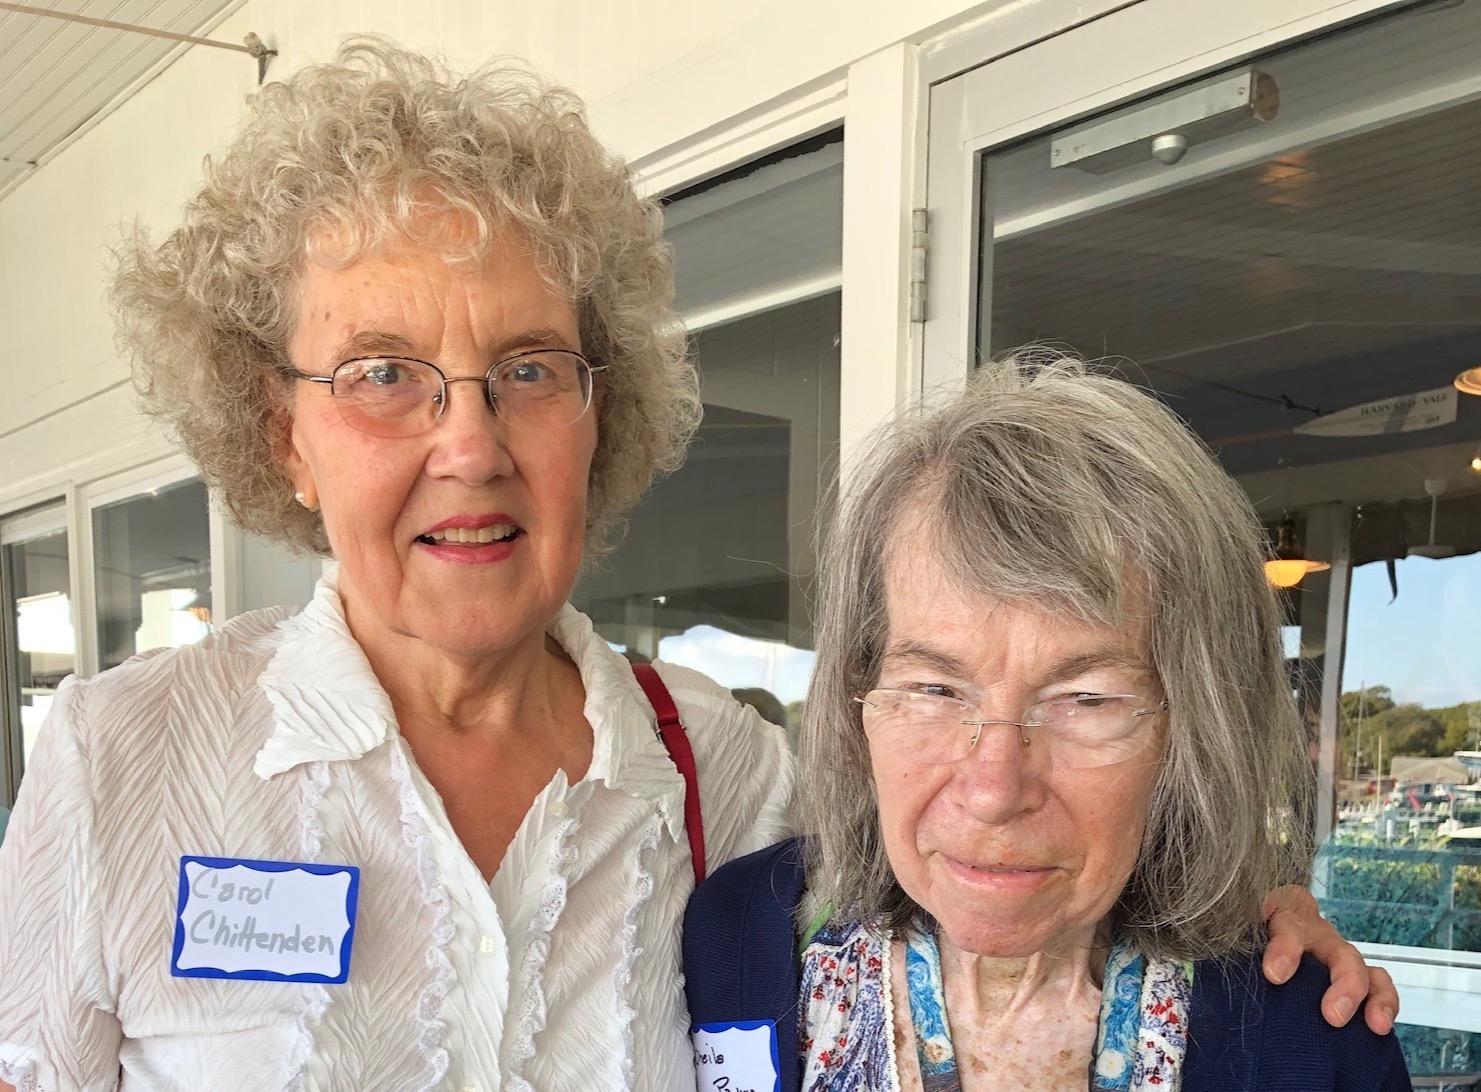 Carol and Sheila